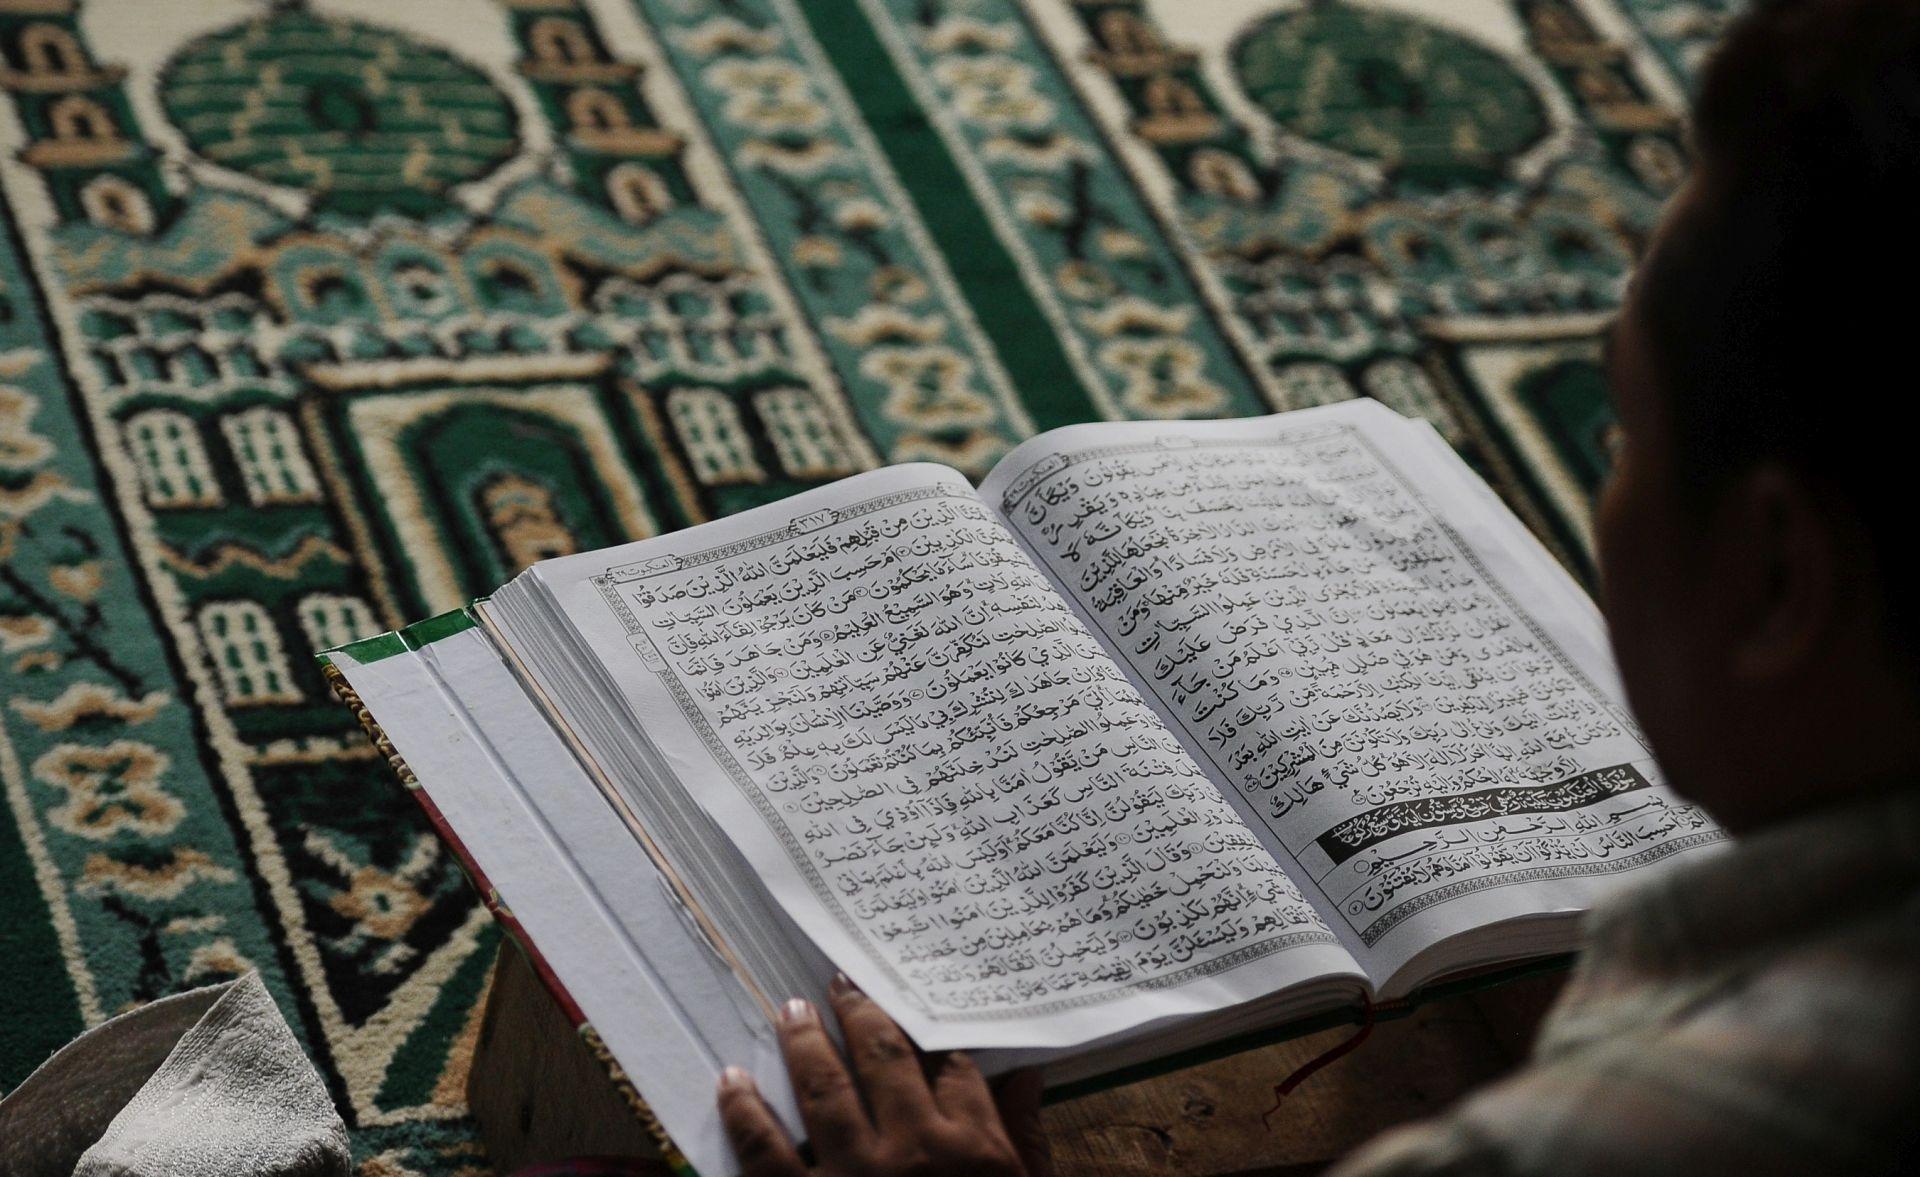 Stranice Kurana iz Birminghama možda najstarije na svijetu